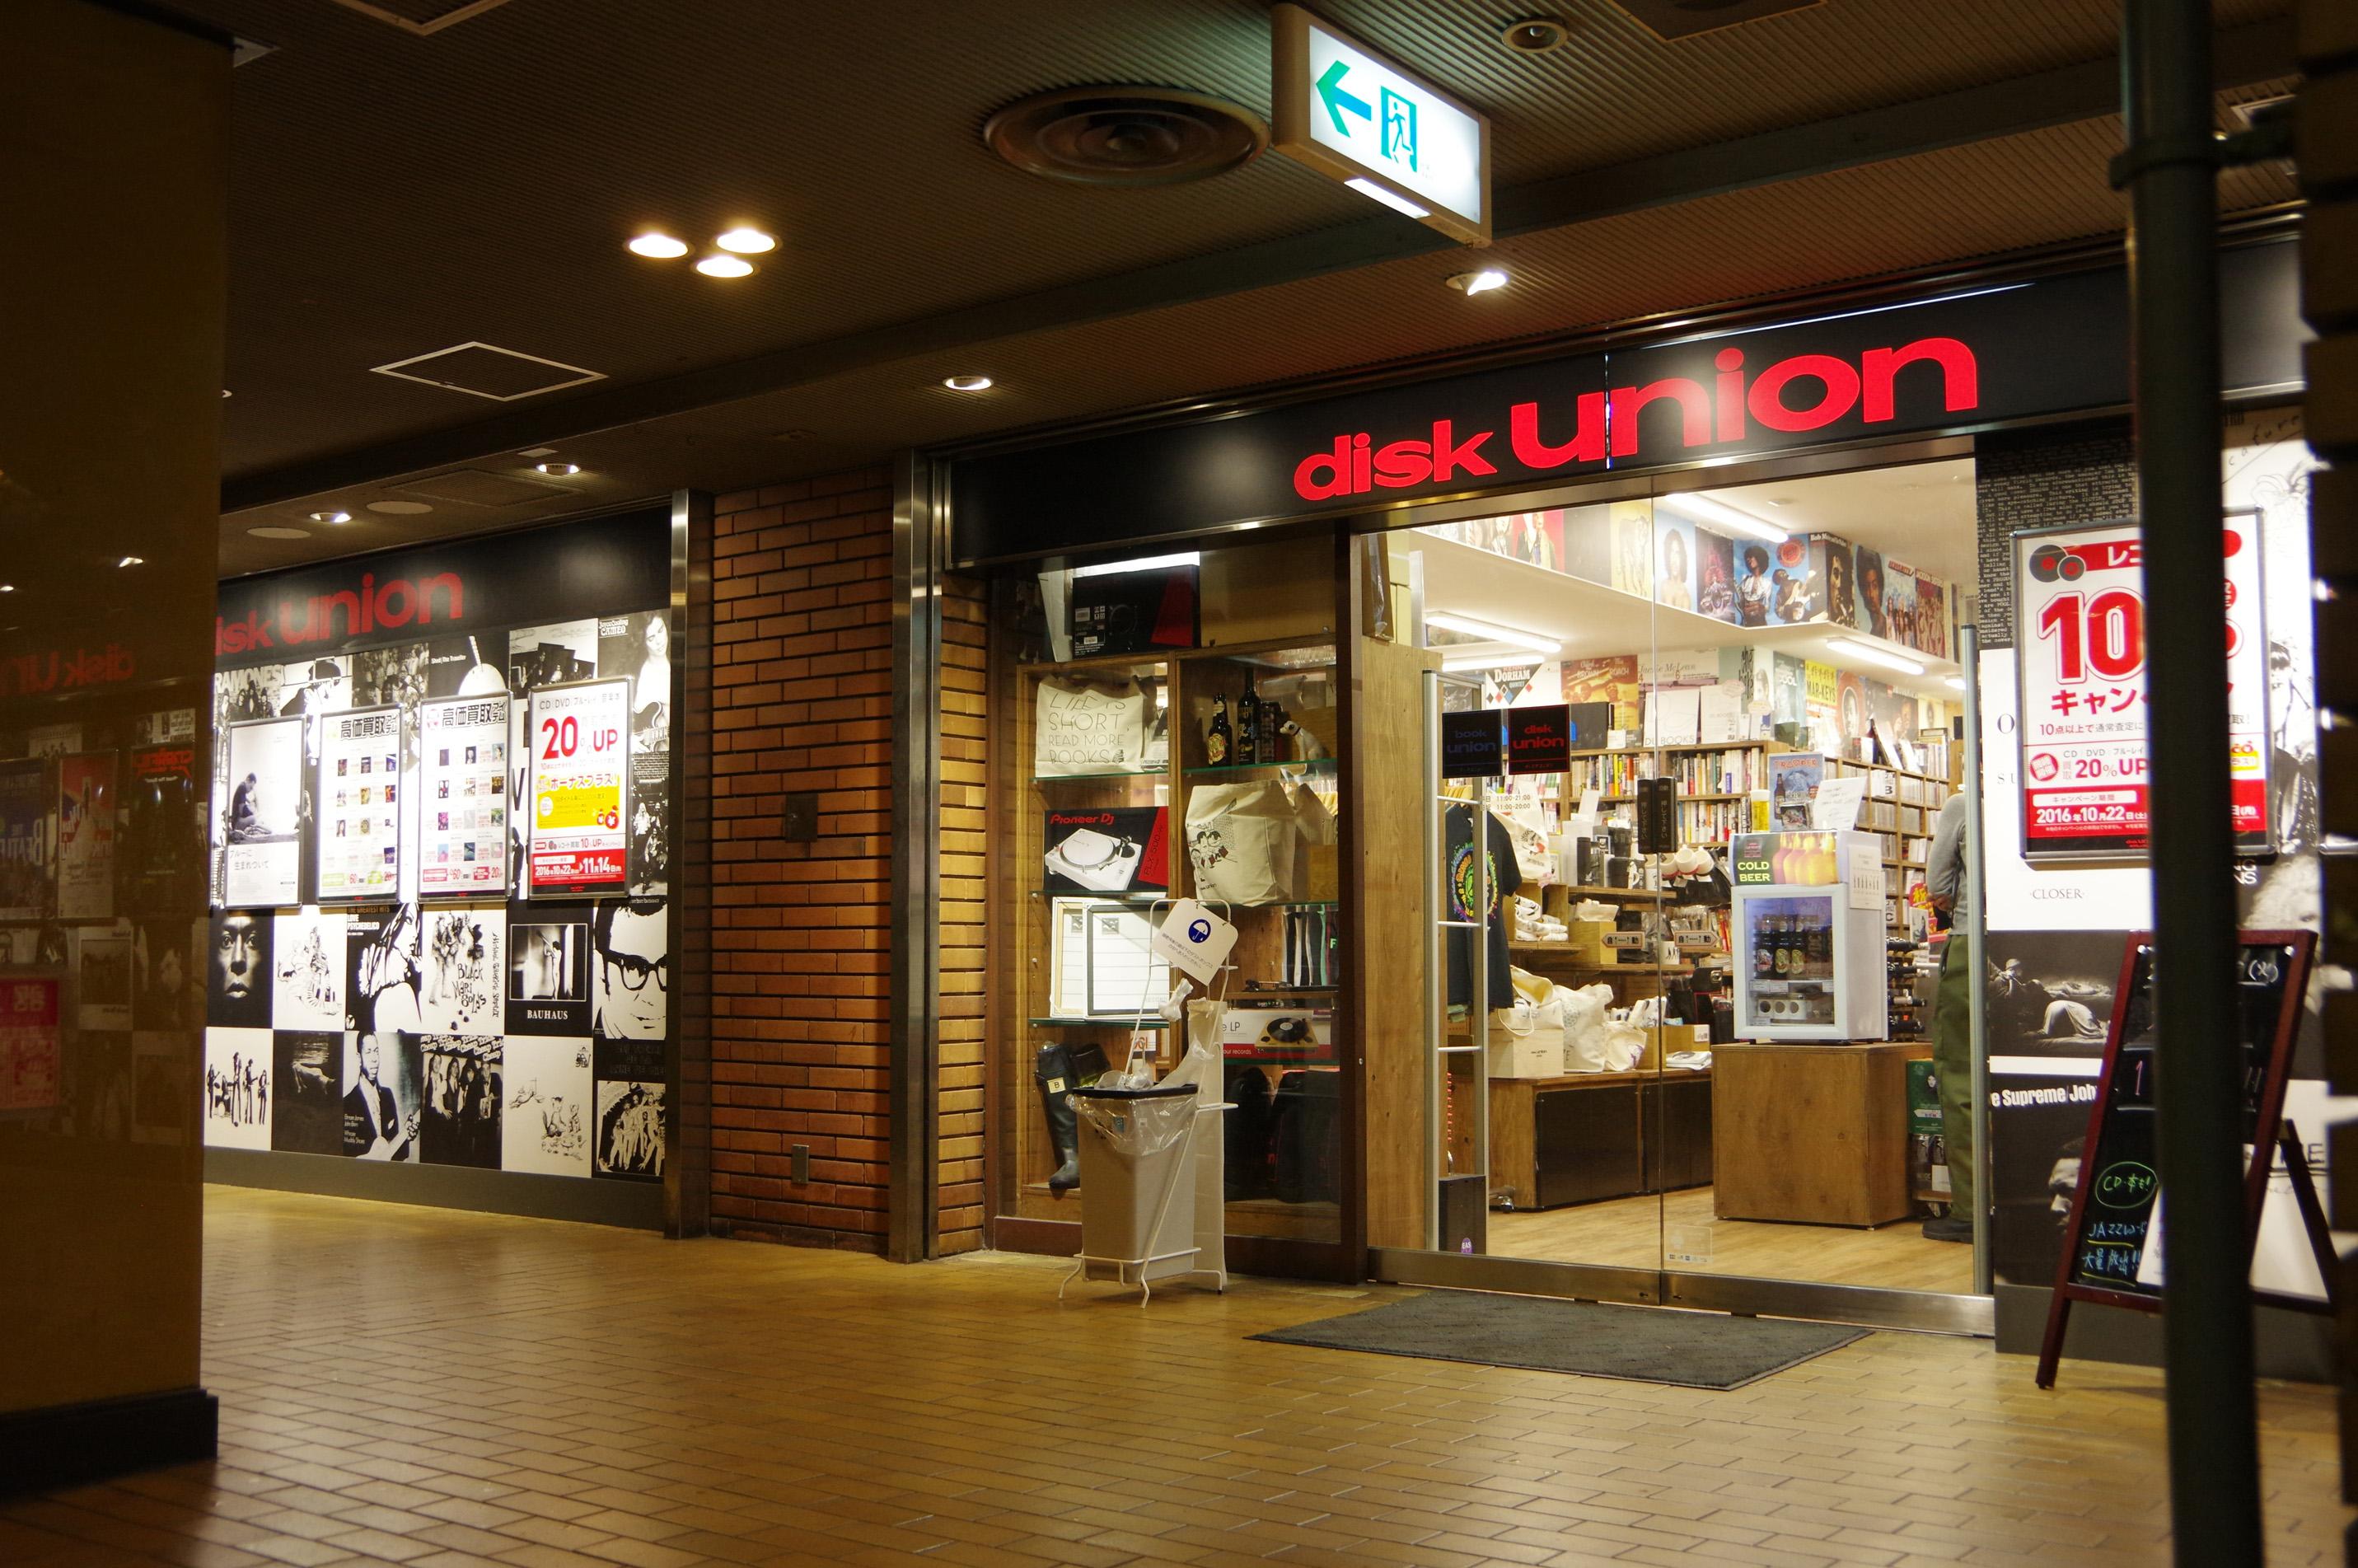 ディスクユニオン大阪店